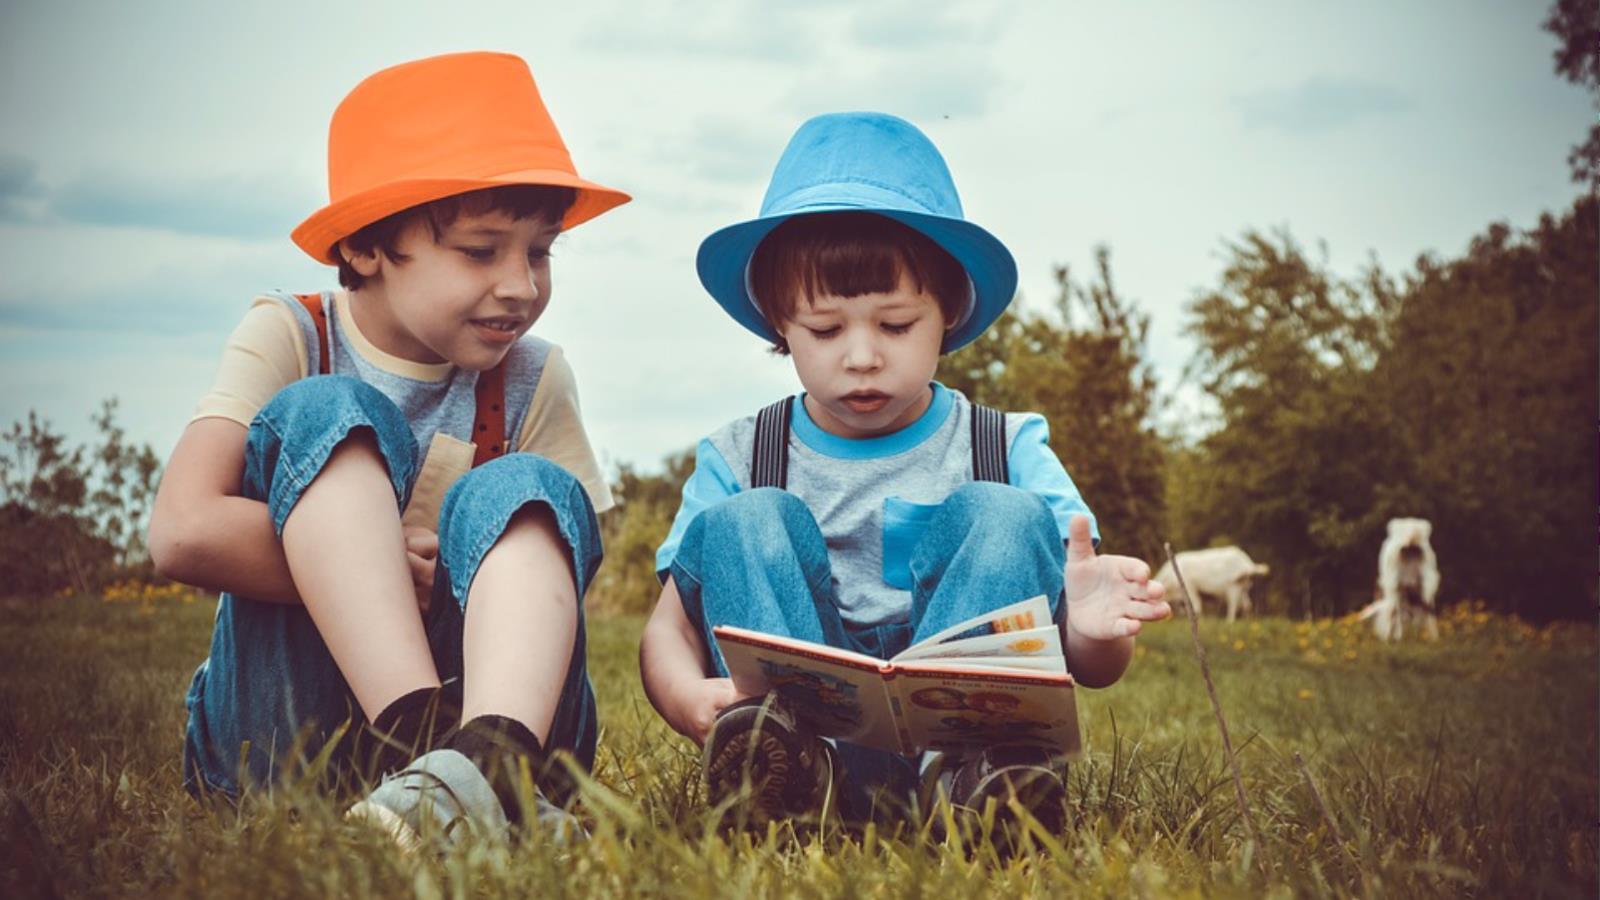 نادي الكتاب للصغار مشروع تربية طفل مثقف في المنزل